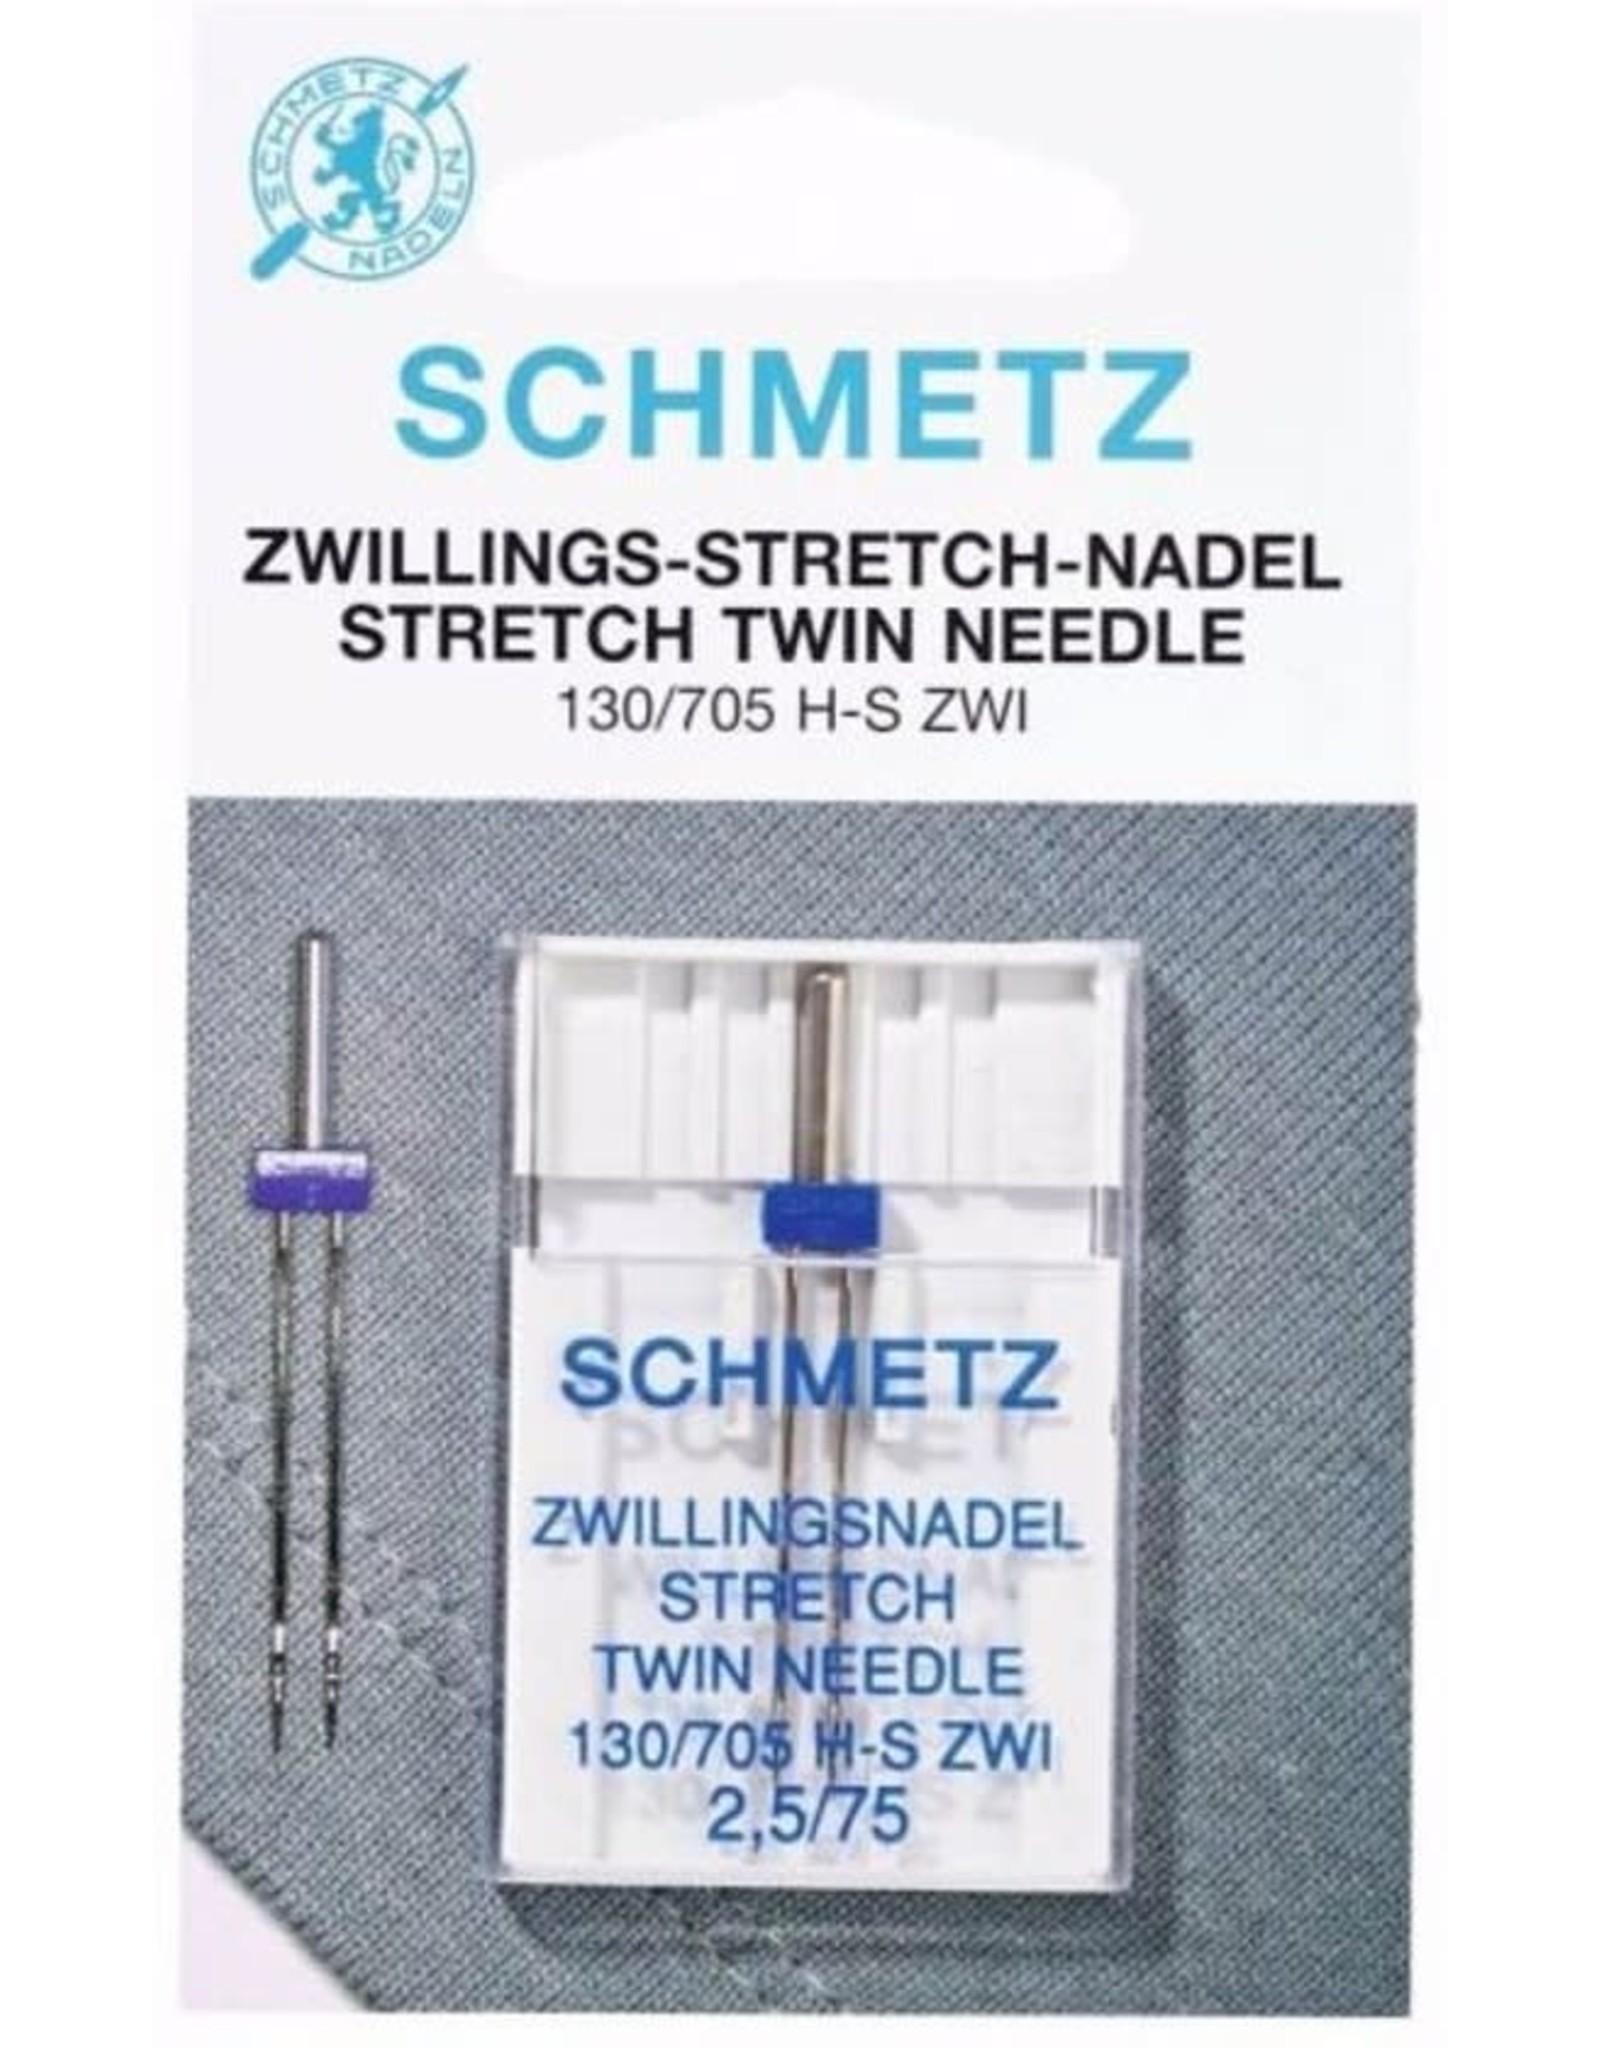 Schmetz Schmetz Twin Stretch 2.5/75 ZB(kaa